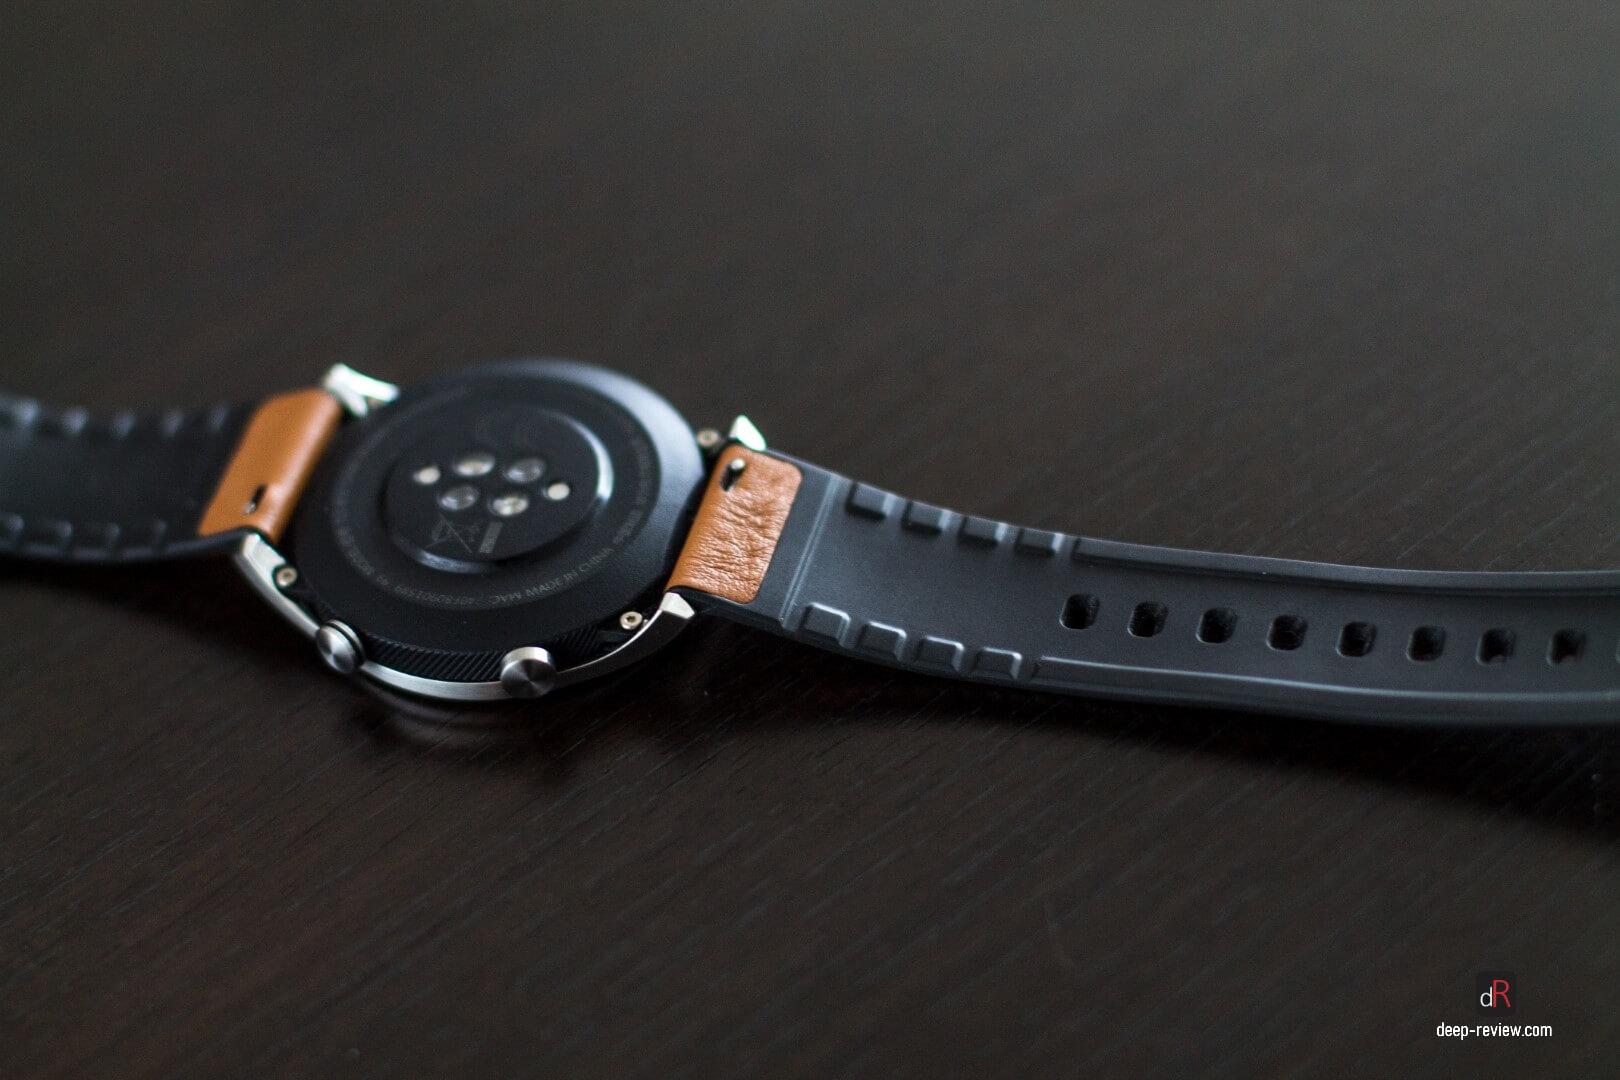 Как выглядит ремешок Honor Band Watch с обратной стороны